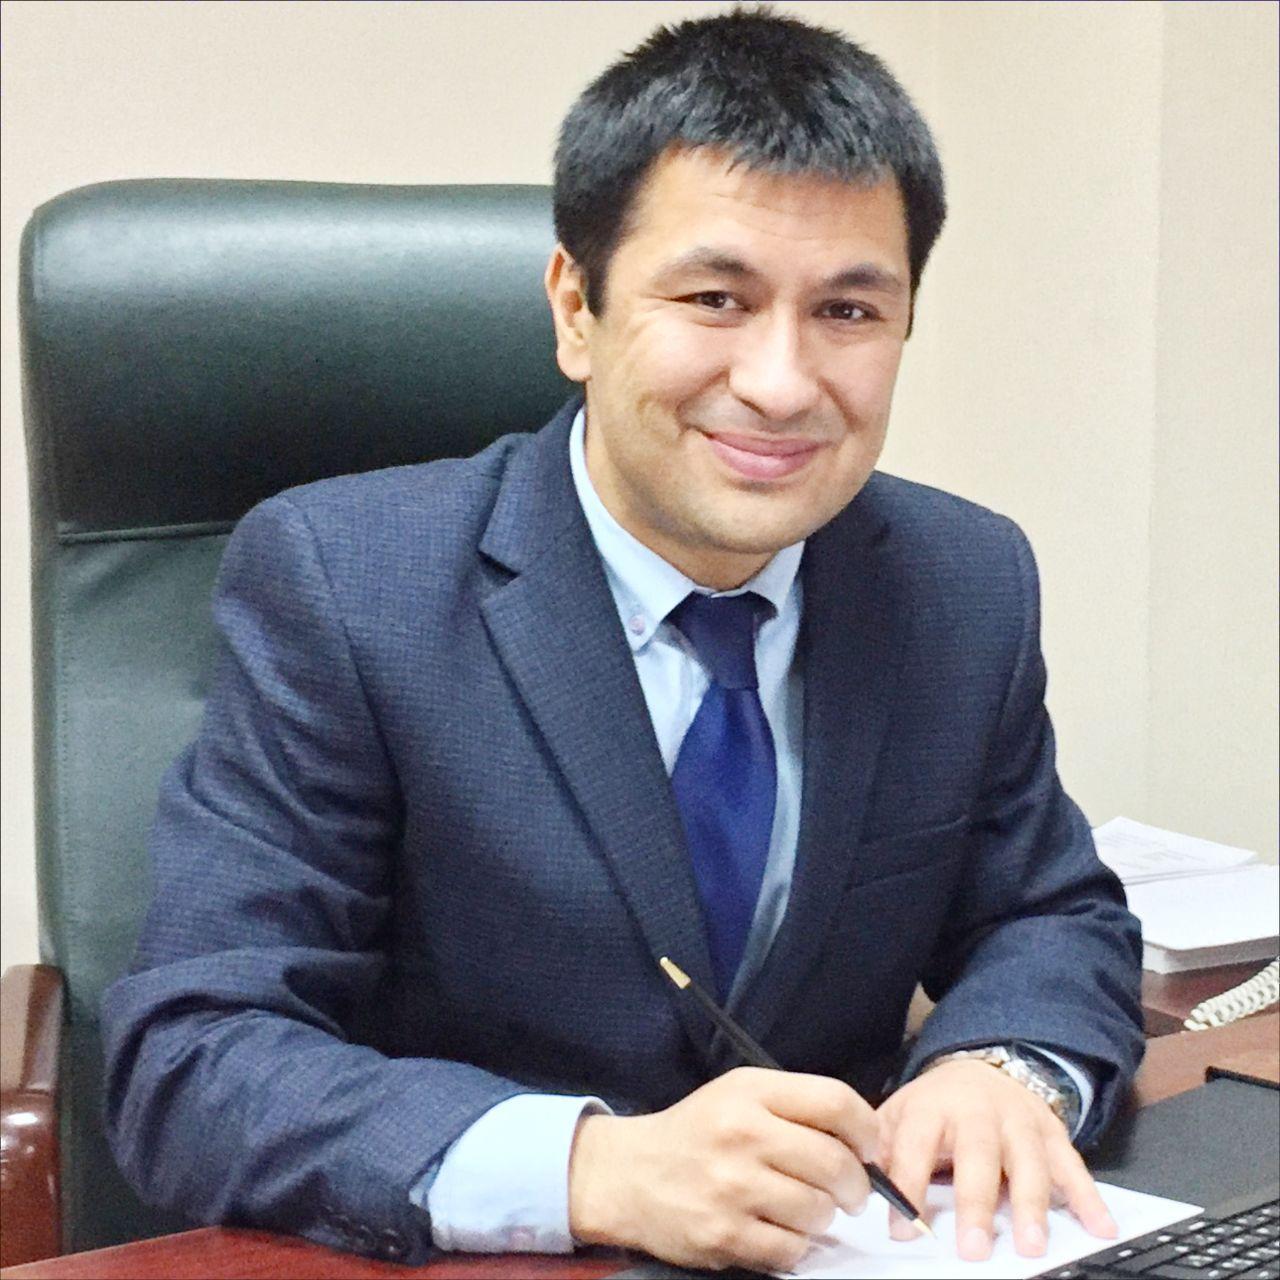 Исполняющим обязанности ректора Туринского политехнического университета в городе Ташкенте назначен первый проректор по финансово-экономическим делам и инновации